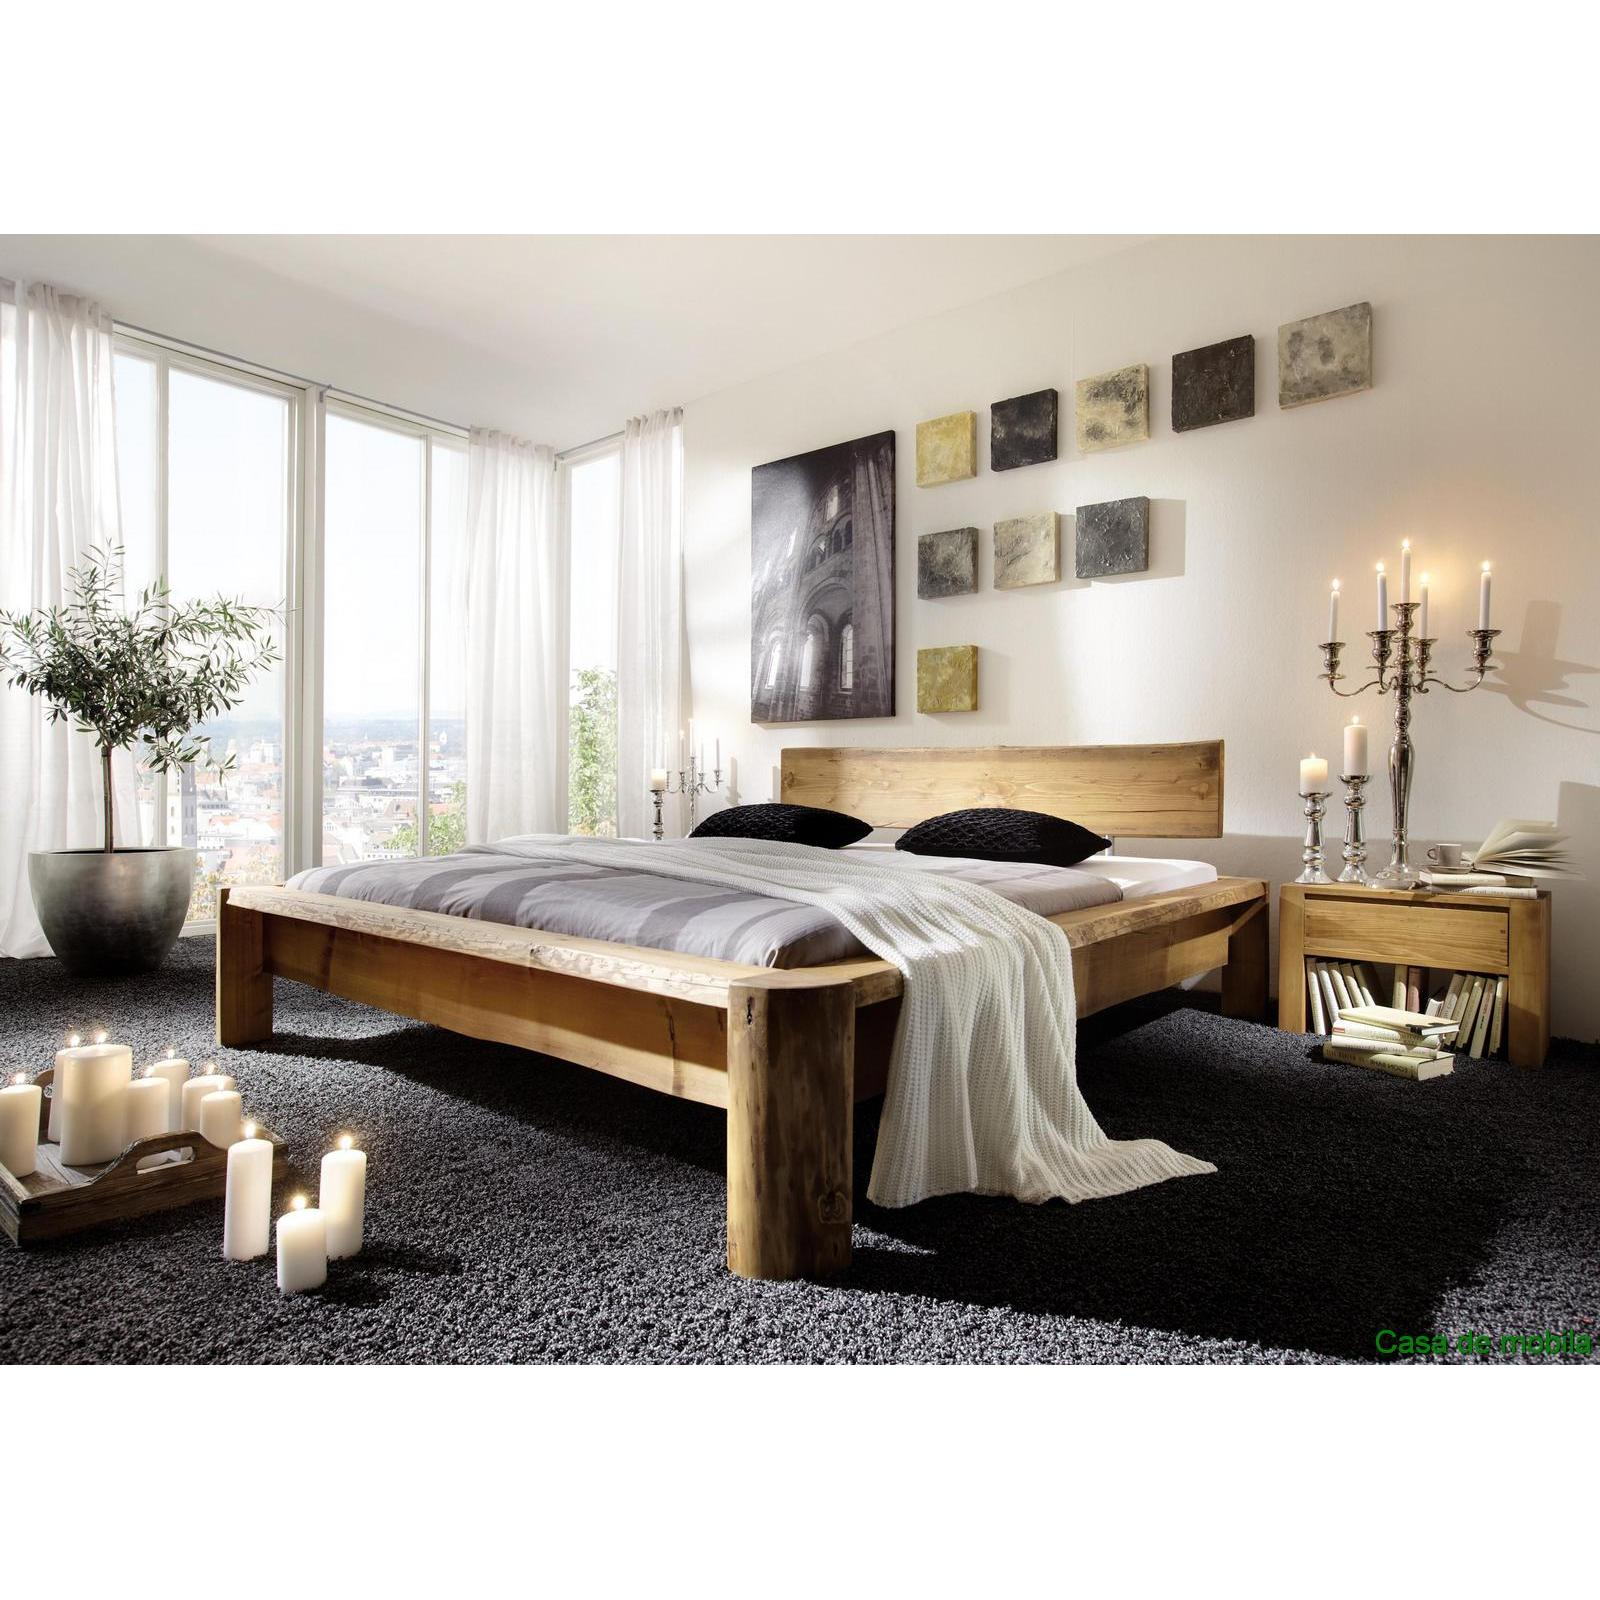 echtholz bett antik 140x200 kiefer fichte massiv gebeizt. Black Bedroom Furniture Sets. Home Design Ideas